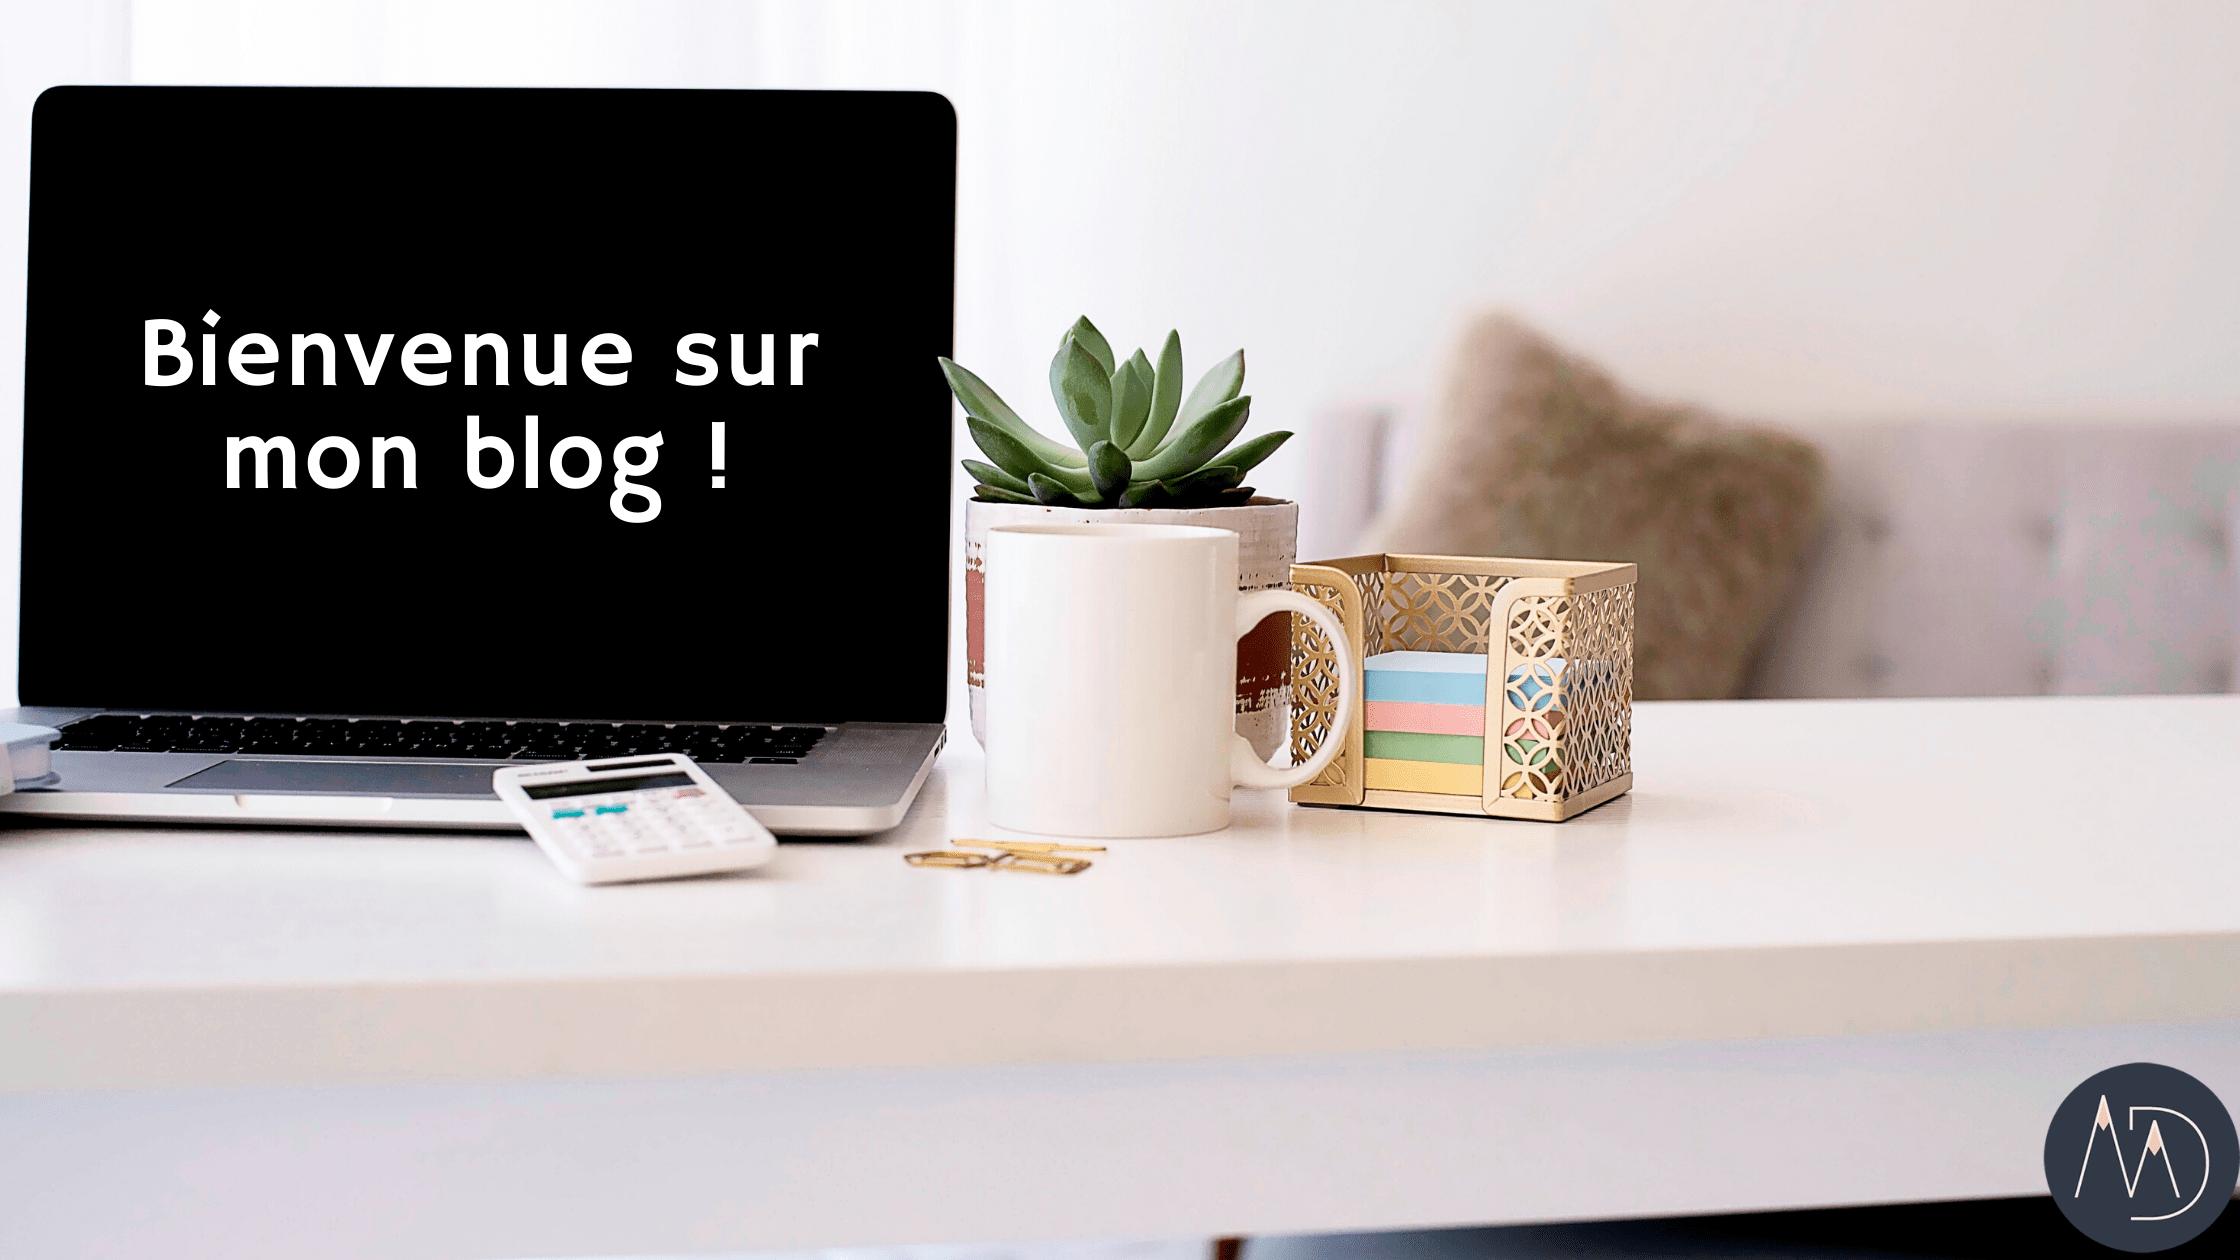 Bienvenue-sur-mon-blog-